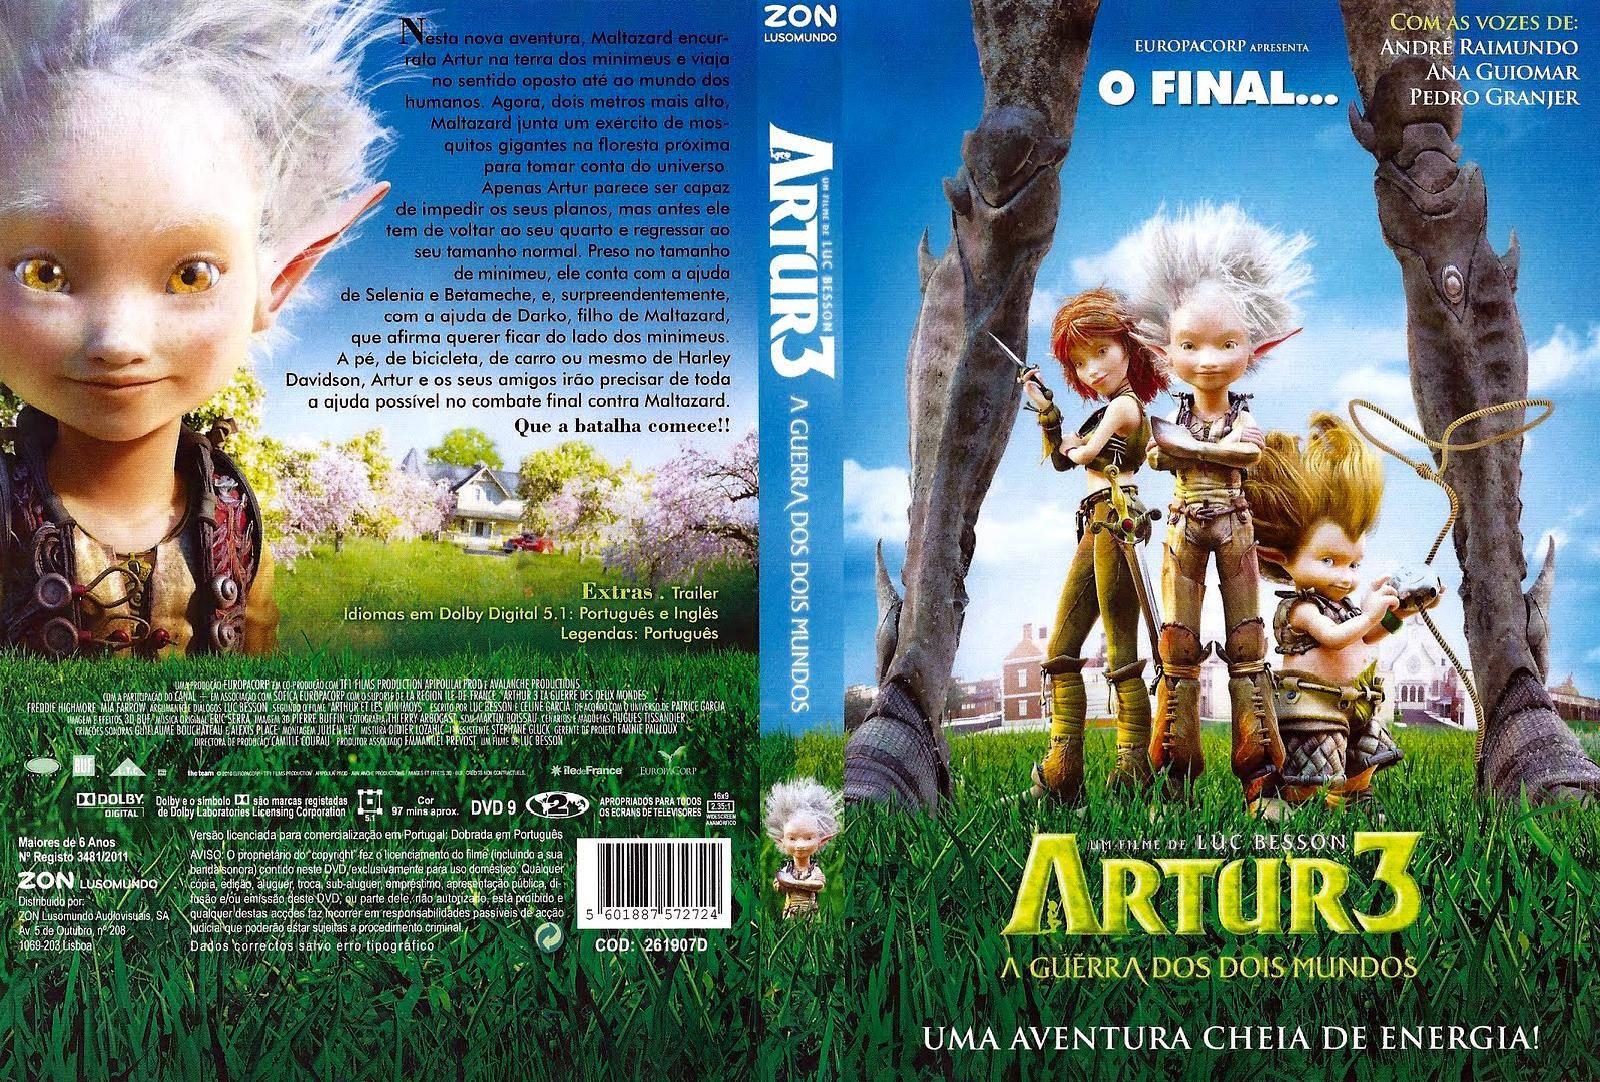 Artur 3 - A Guerra dos Dois Mundos PT-PT Artur-3.2